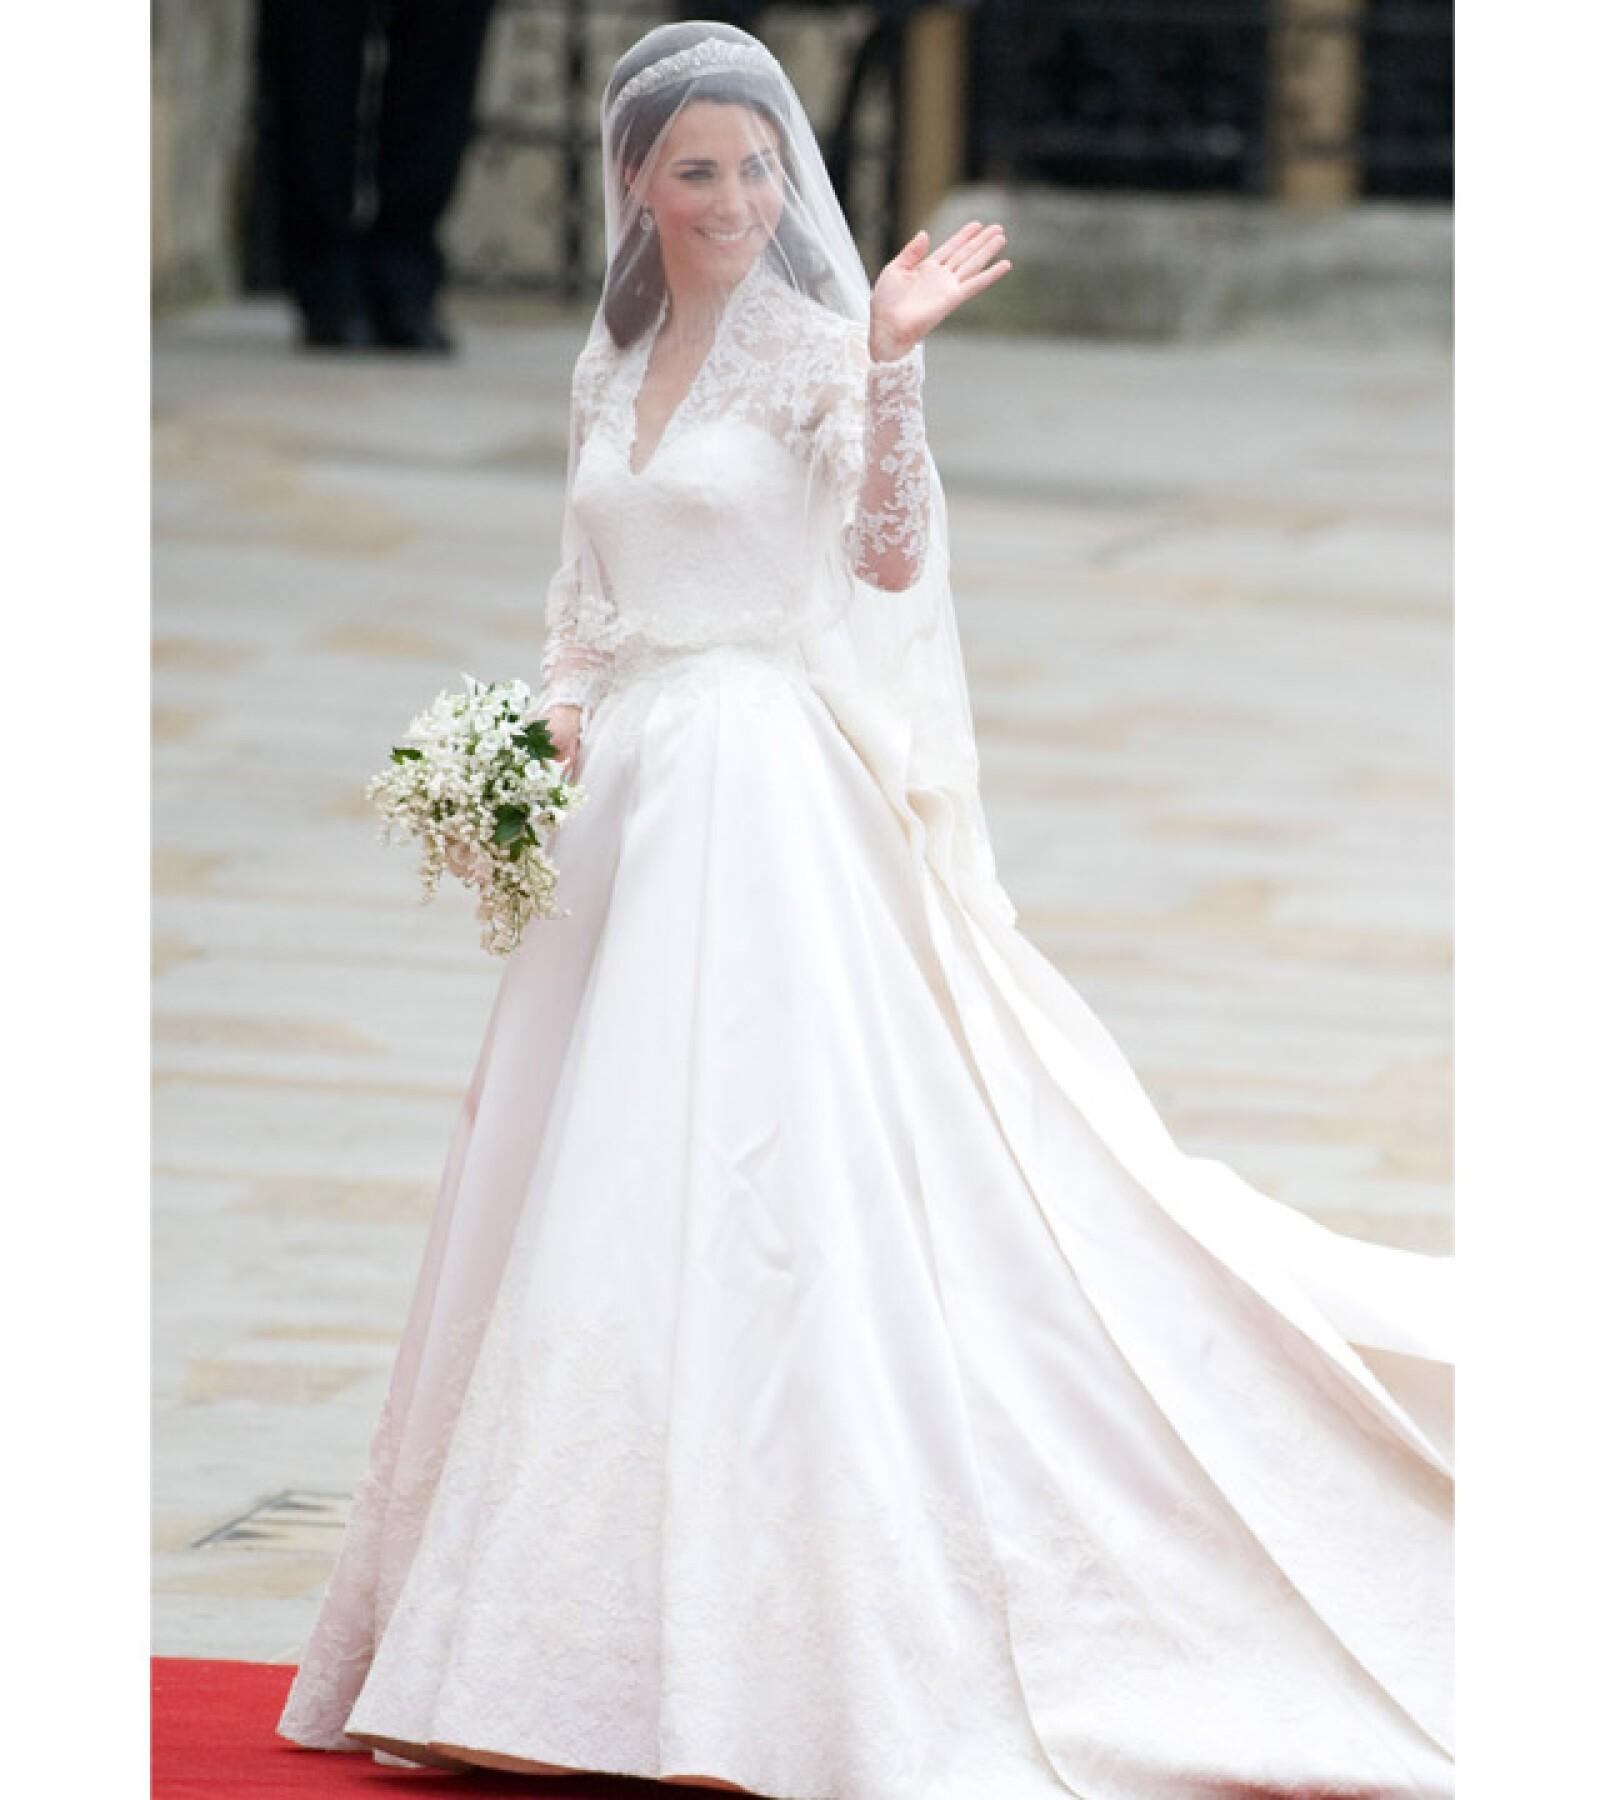 El encaje del vestido fue confeccionado por la Real Escuela de Costura y tras la ceremonia el vestido fue exhibido en el Palacio de Buckingham.